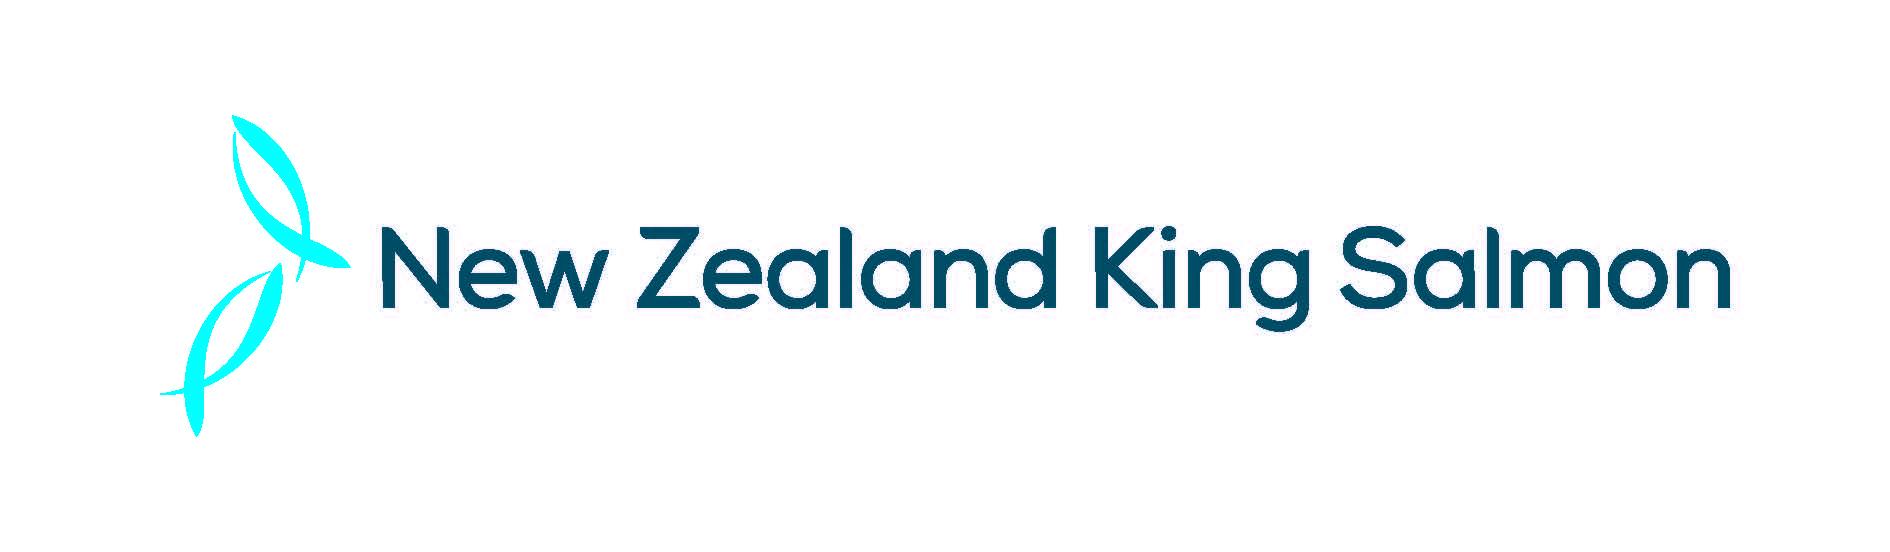 NZKS_logo_strap_primary_CMYK.jpg